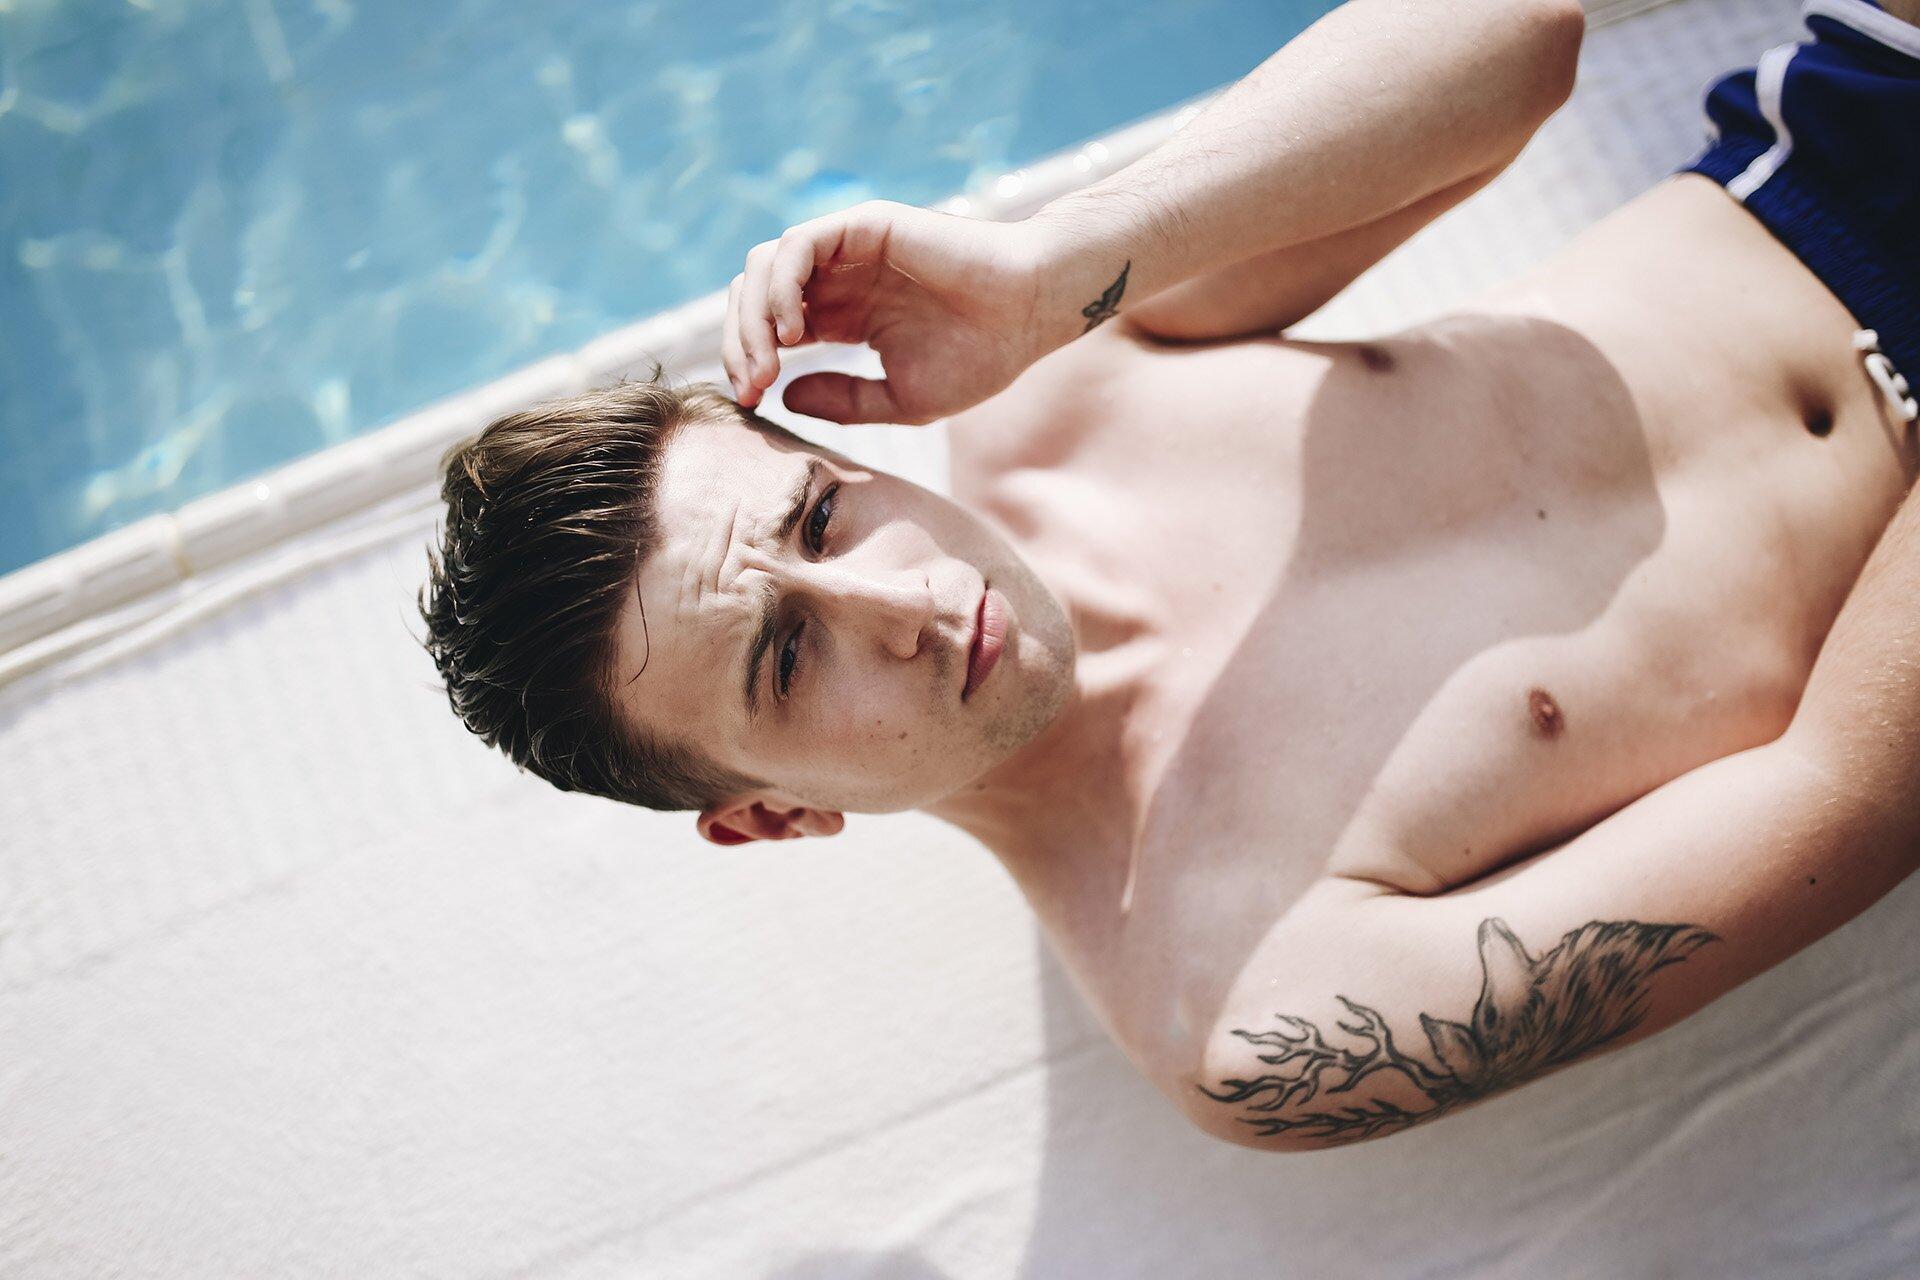 basen kraków, hotel qubus, kąpielówki męskie, alpha male kąpielówki, mężczyzna w kąpielówkach